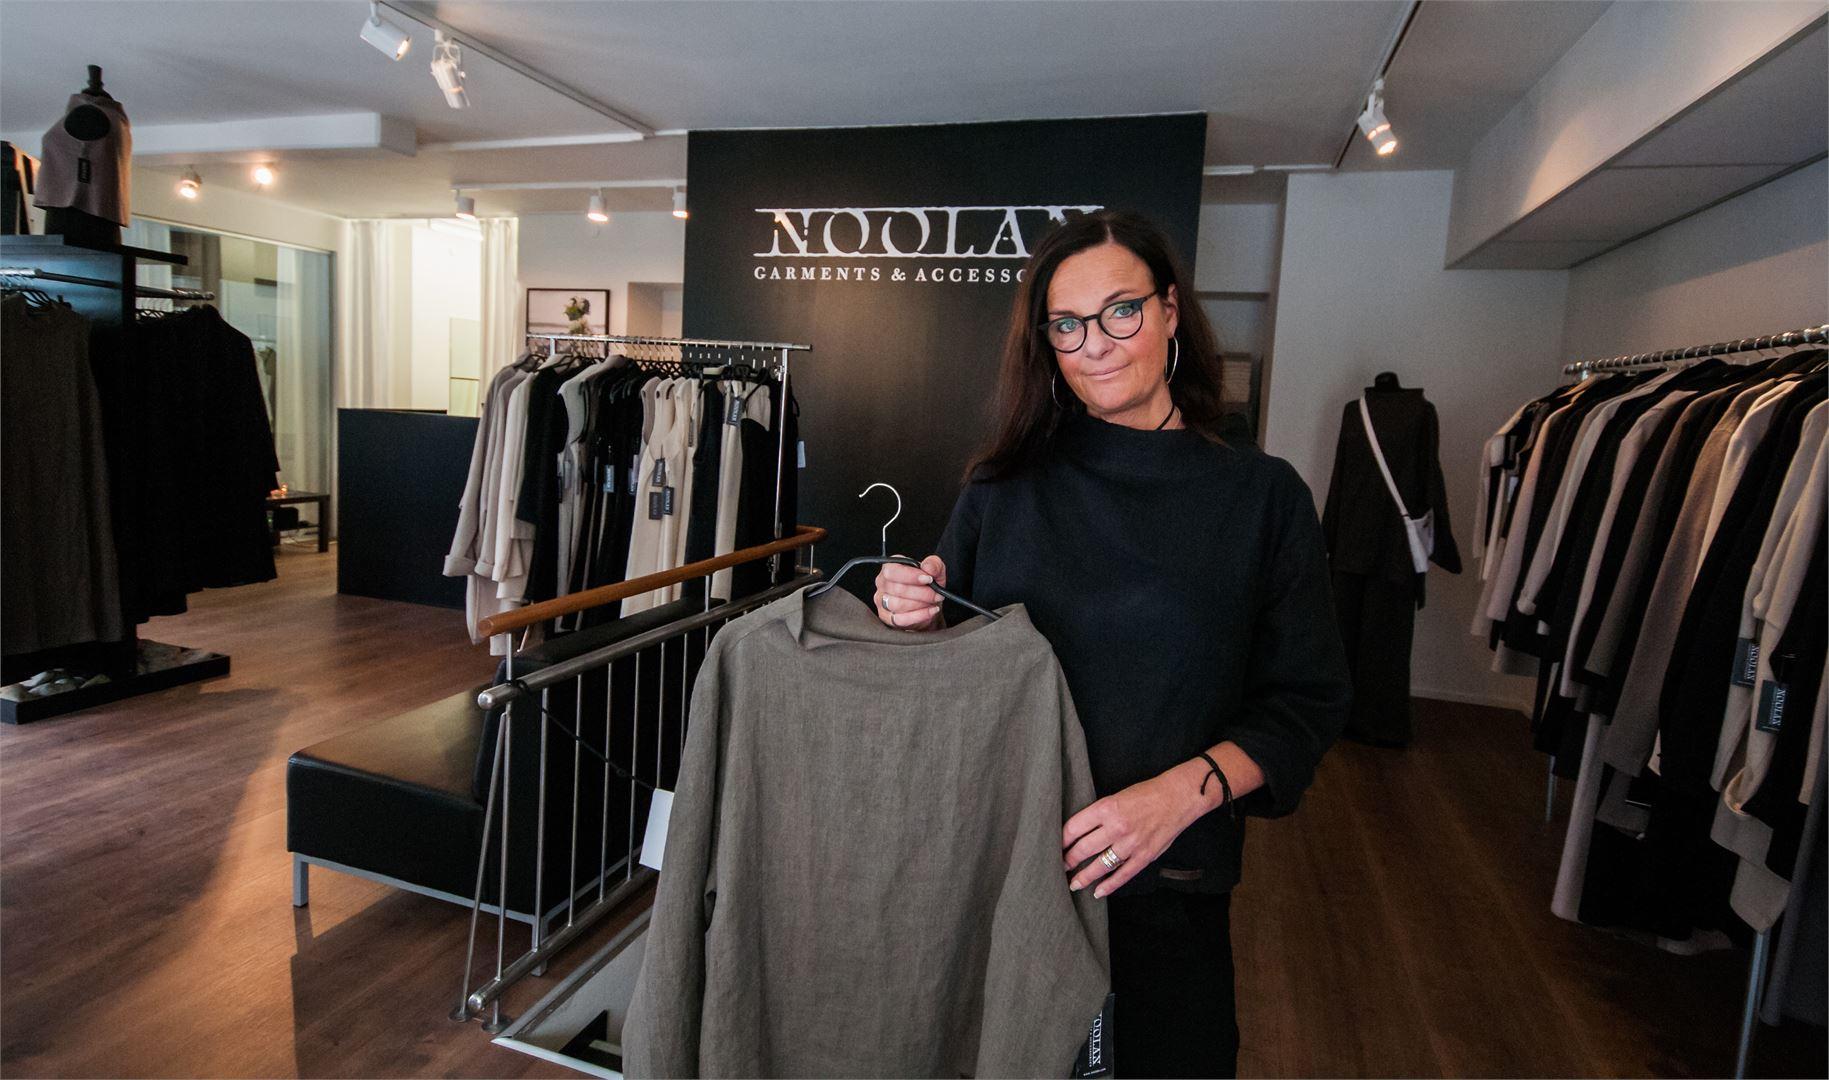 Marja Rakin luotsaama Noolan on saanut sekä Taito- että Suomi-palkinnon ekologisesta työstään vaatetusalalla.